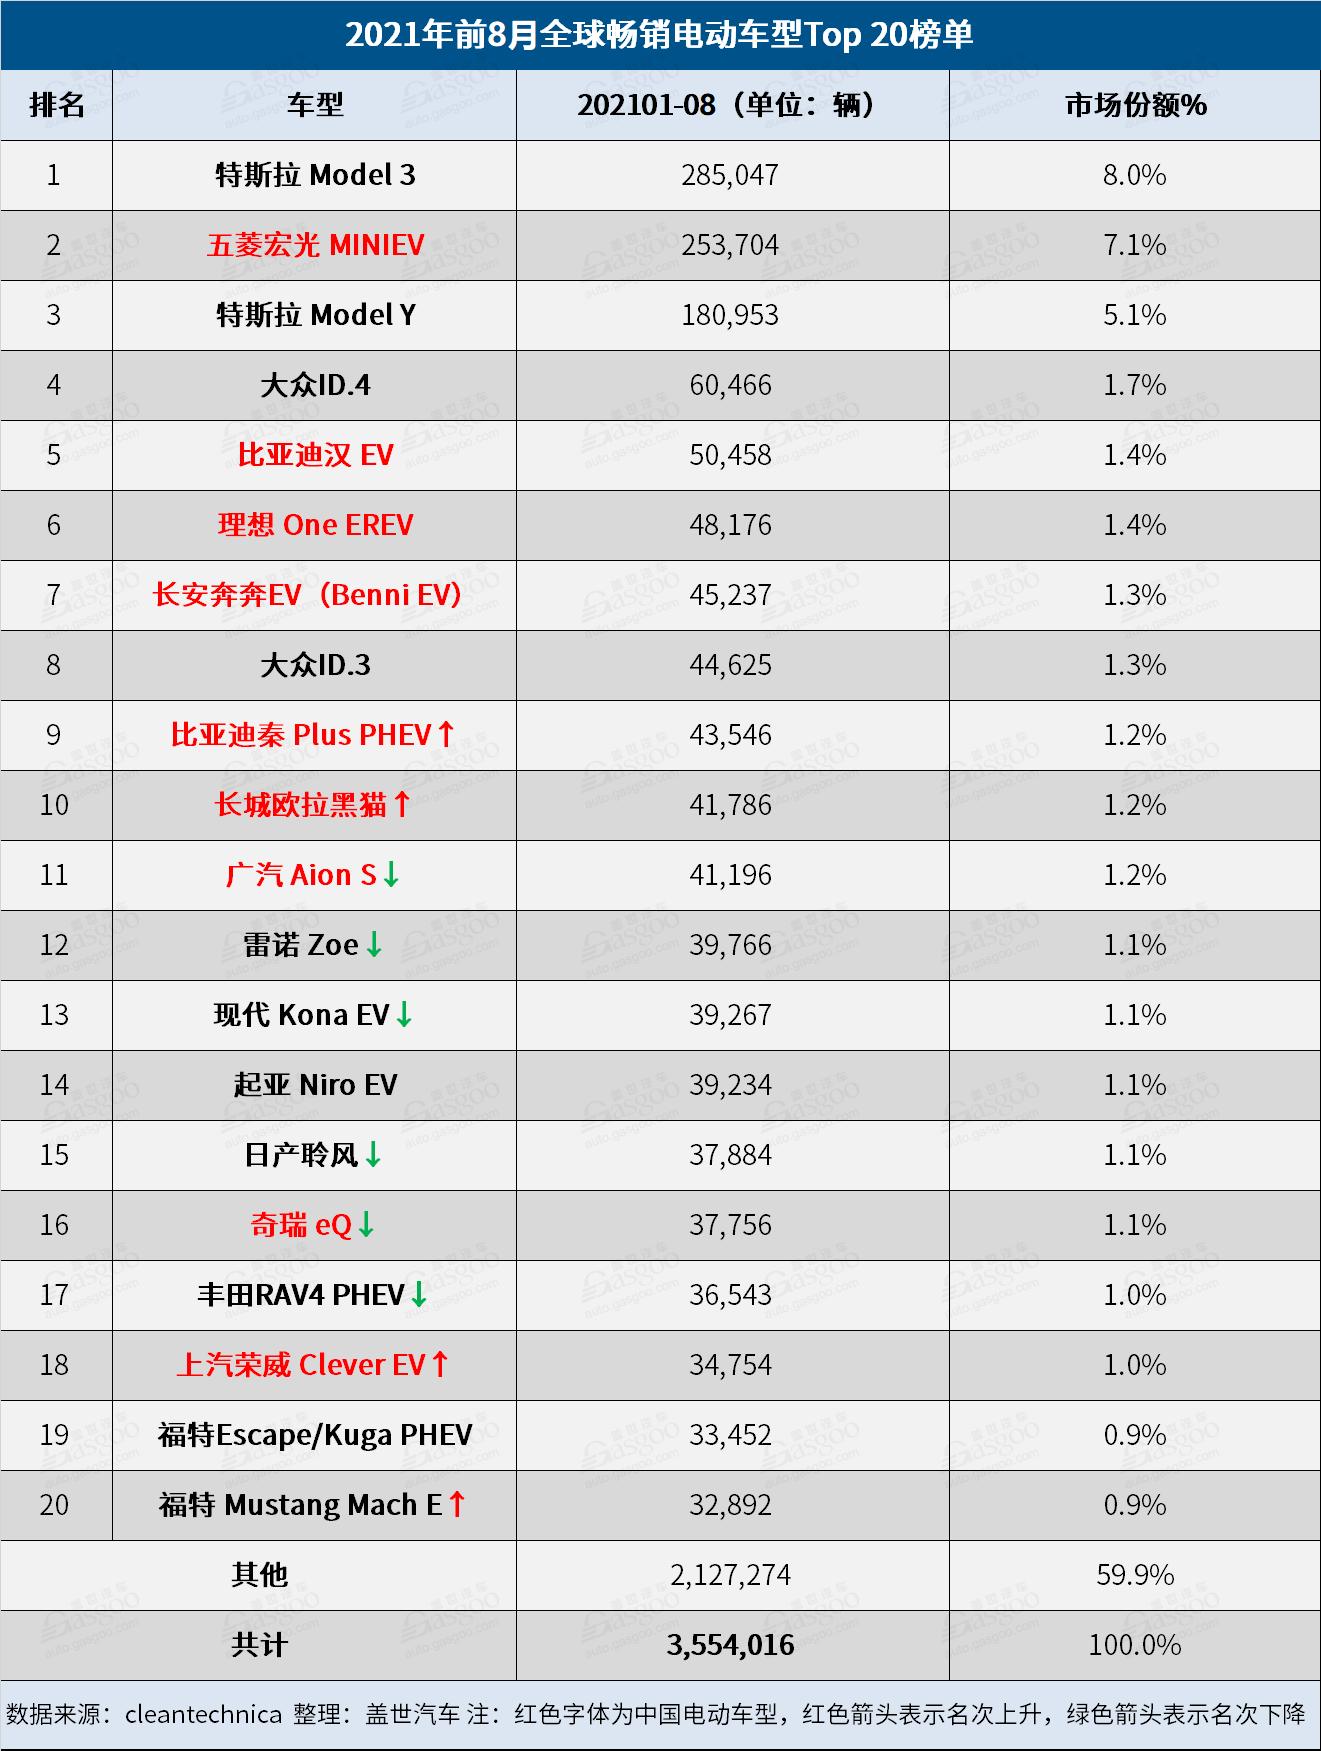 8月全球电动车品牌榜:比亚迪再夺冠 小鹏闯进榜单